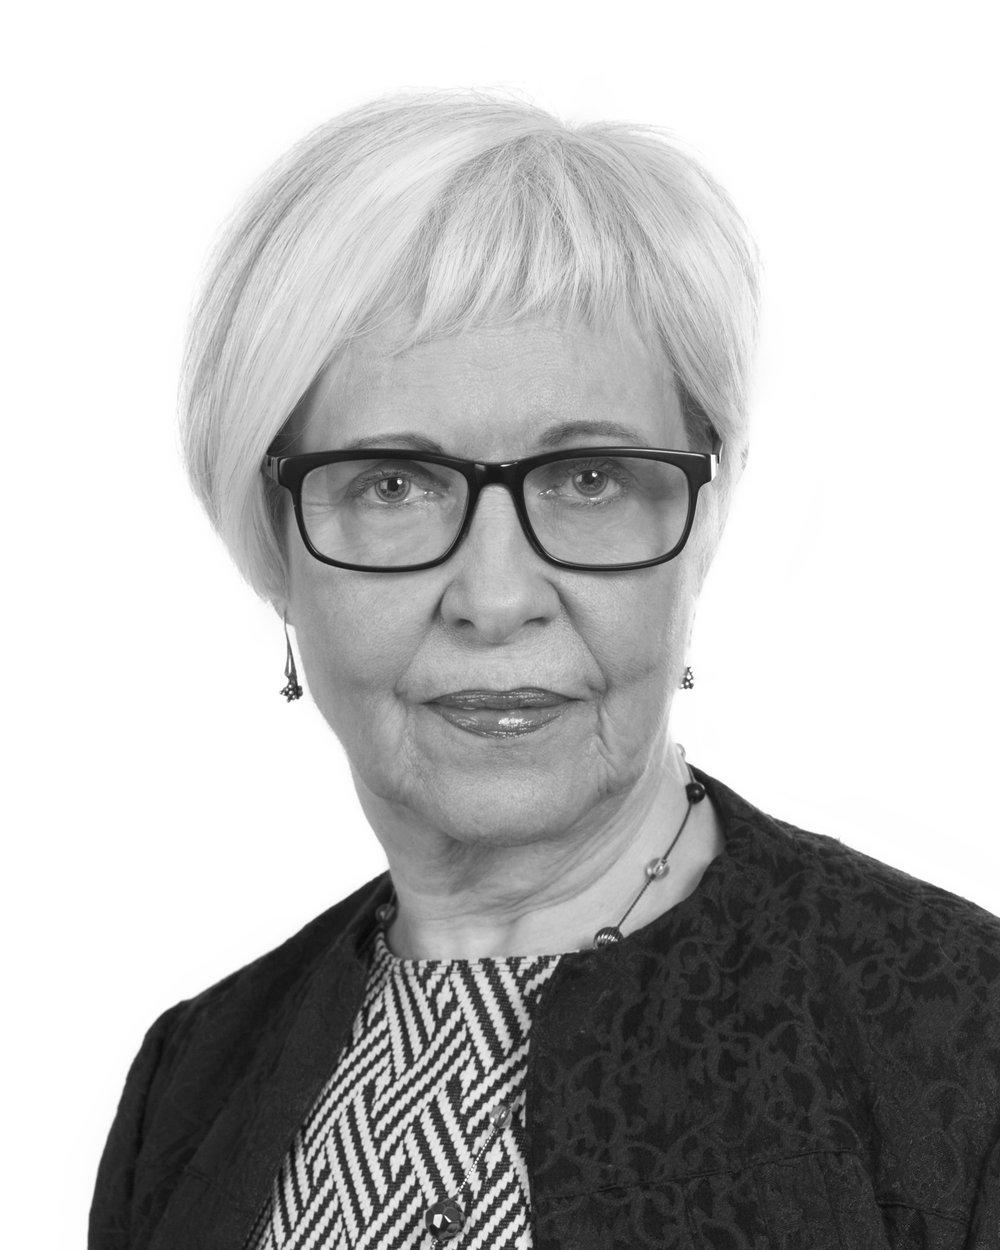 11. Anna Guðrún Hugadóttir